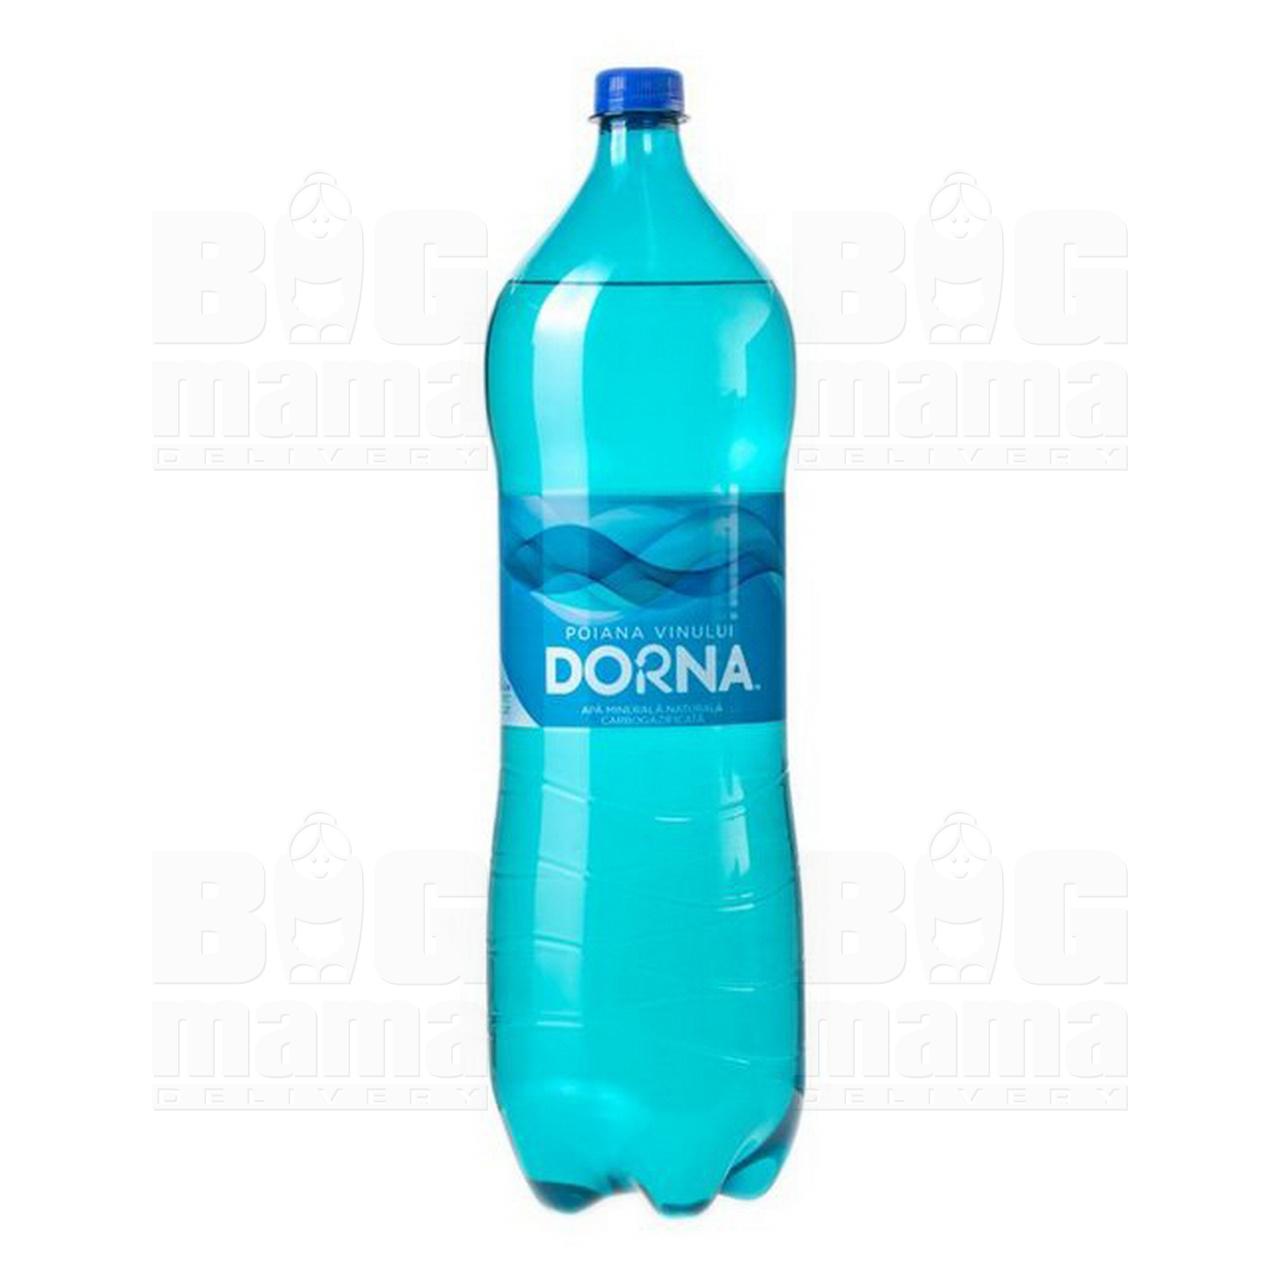 Product #155 image - Apă minerală Dorna 1,5L